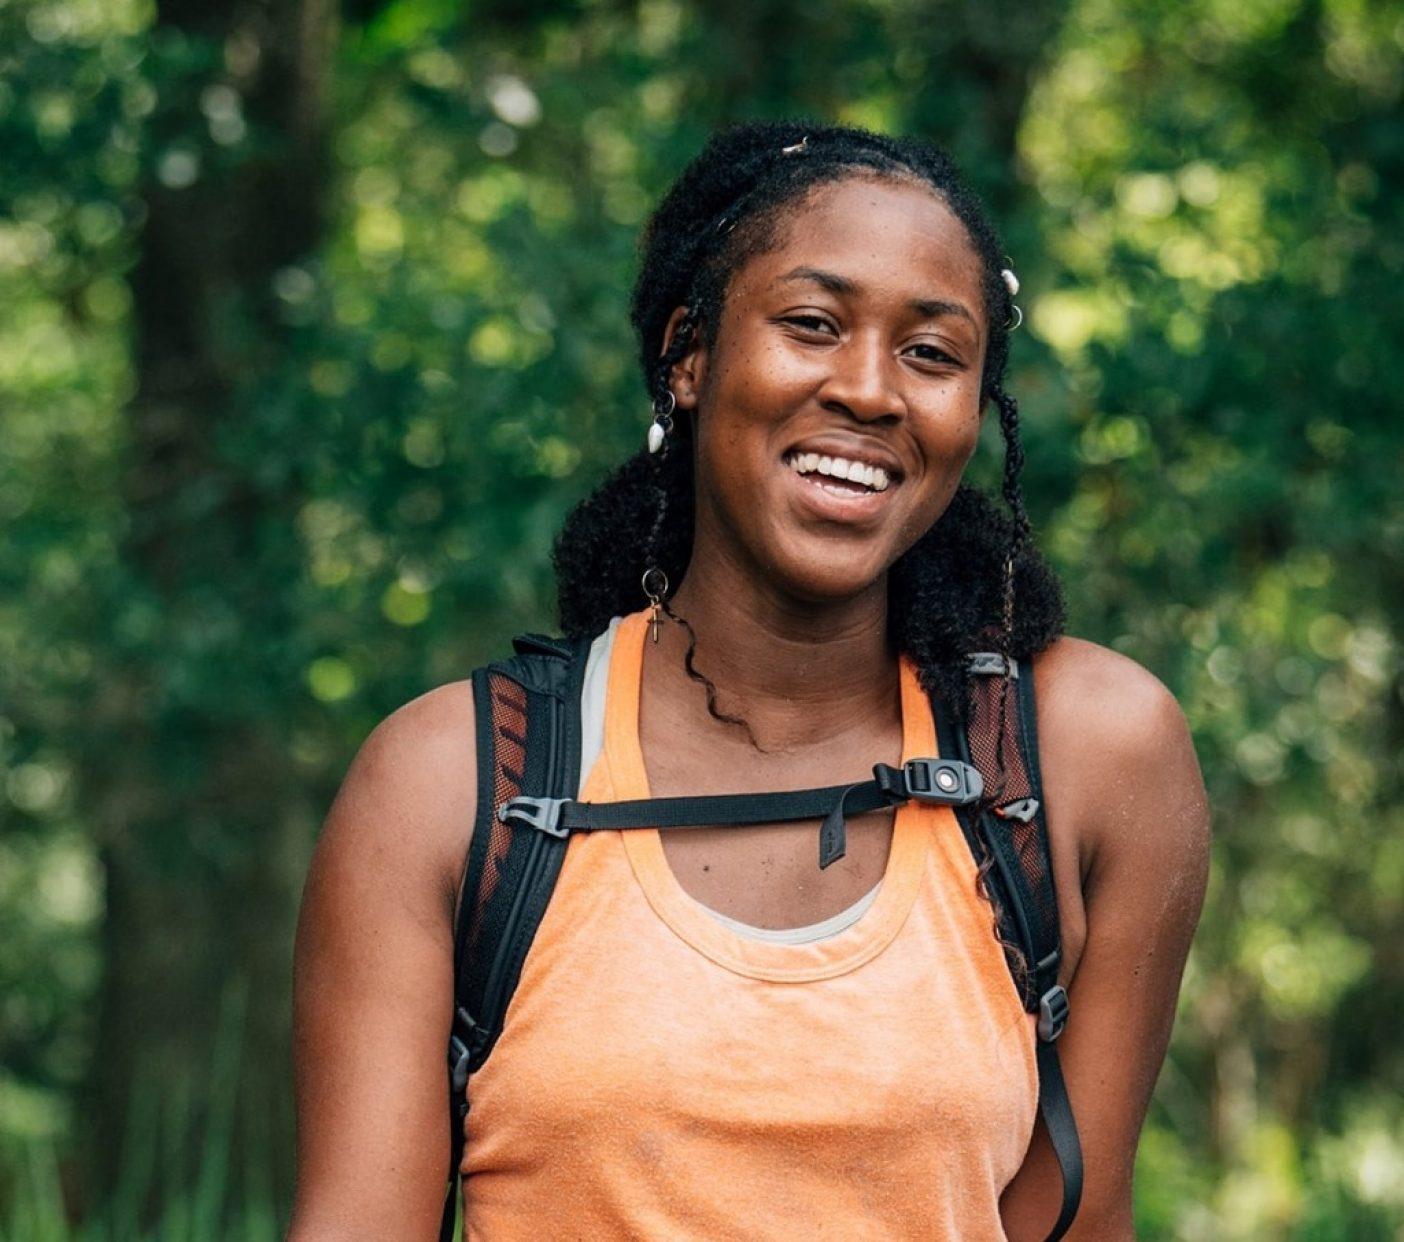 バーム・ボイエットではじめての日を過ごし、数分の休憩を取るアナリース・クレオパトラ。彼女はアーティストであり映画監督であり、マイアミを拠点とするマウンテンバイカー。Photo : Nathalie DuPré